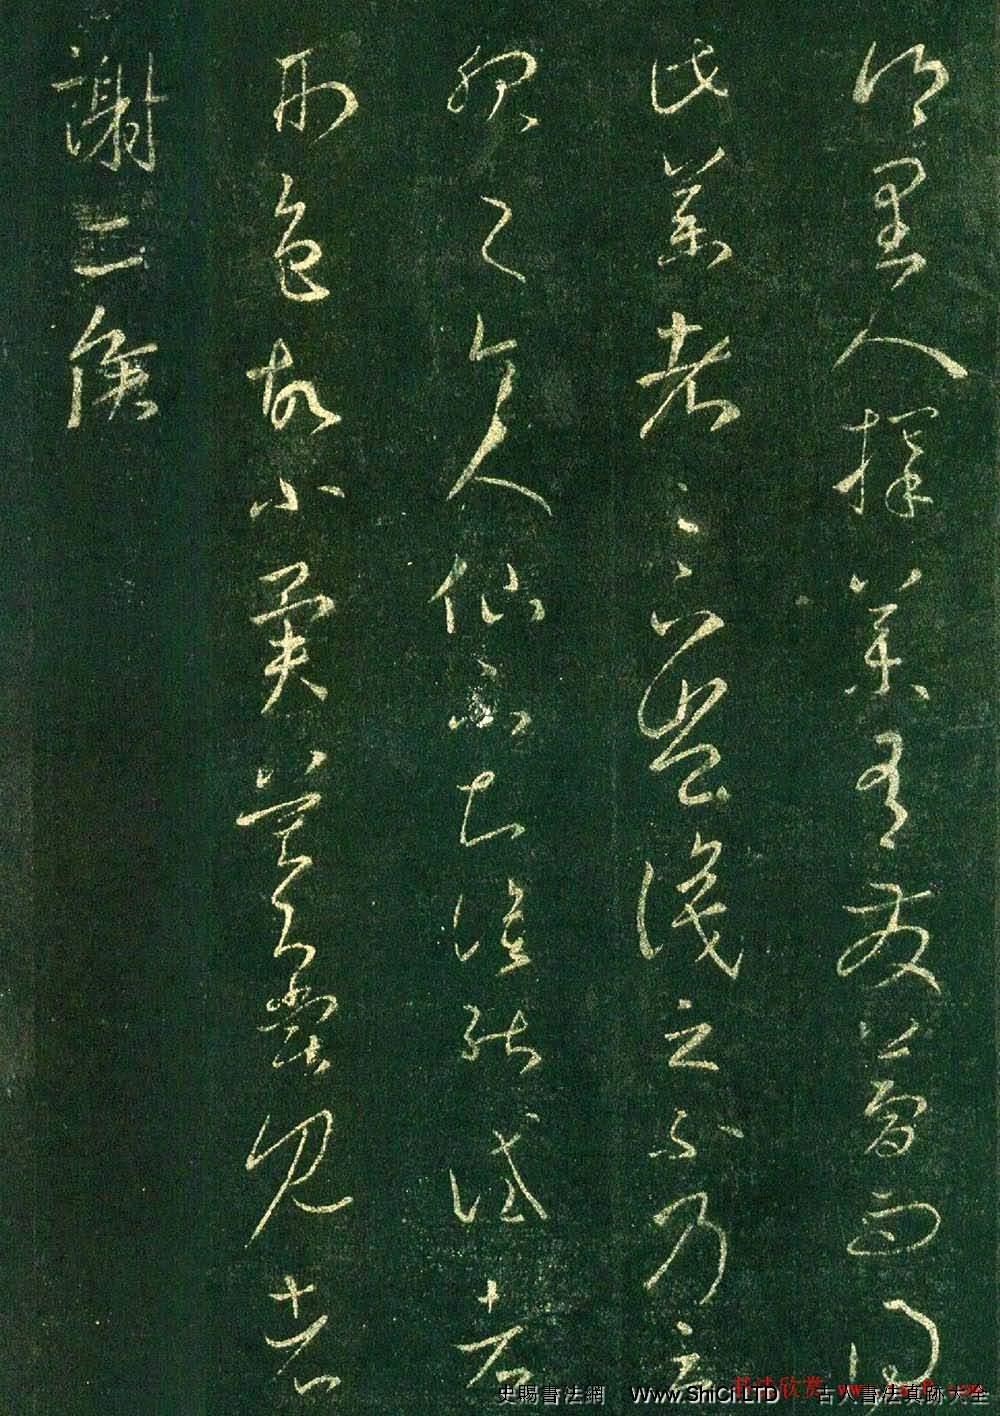 王羲之草書真跡欣賞《擇藥帖》(共3張圖片)